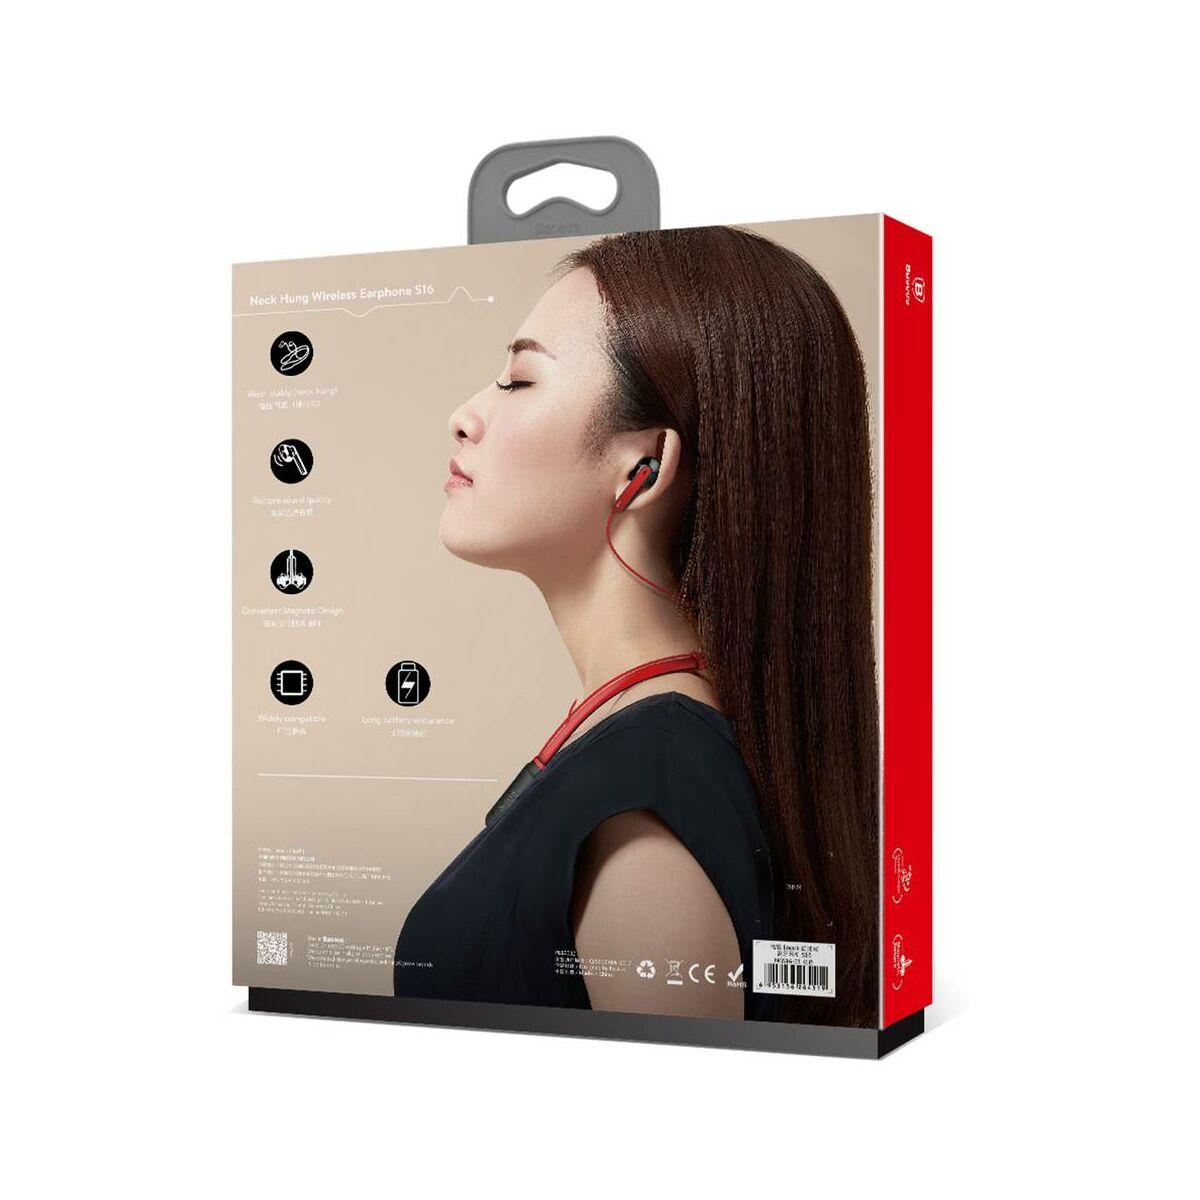 Baseus fülhallgató, Bluetooth Encok S16 nyakba akasztható, piros, (NGS16-09)